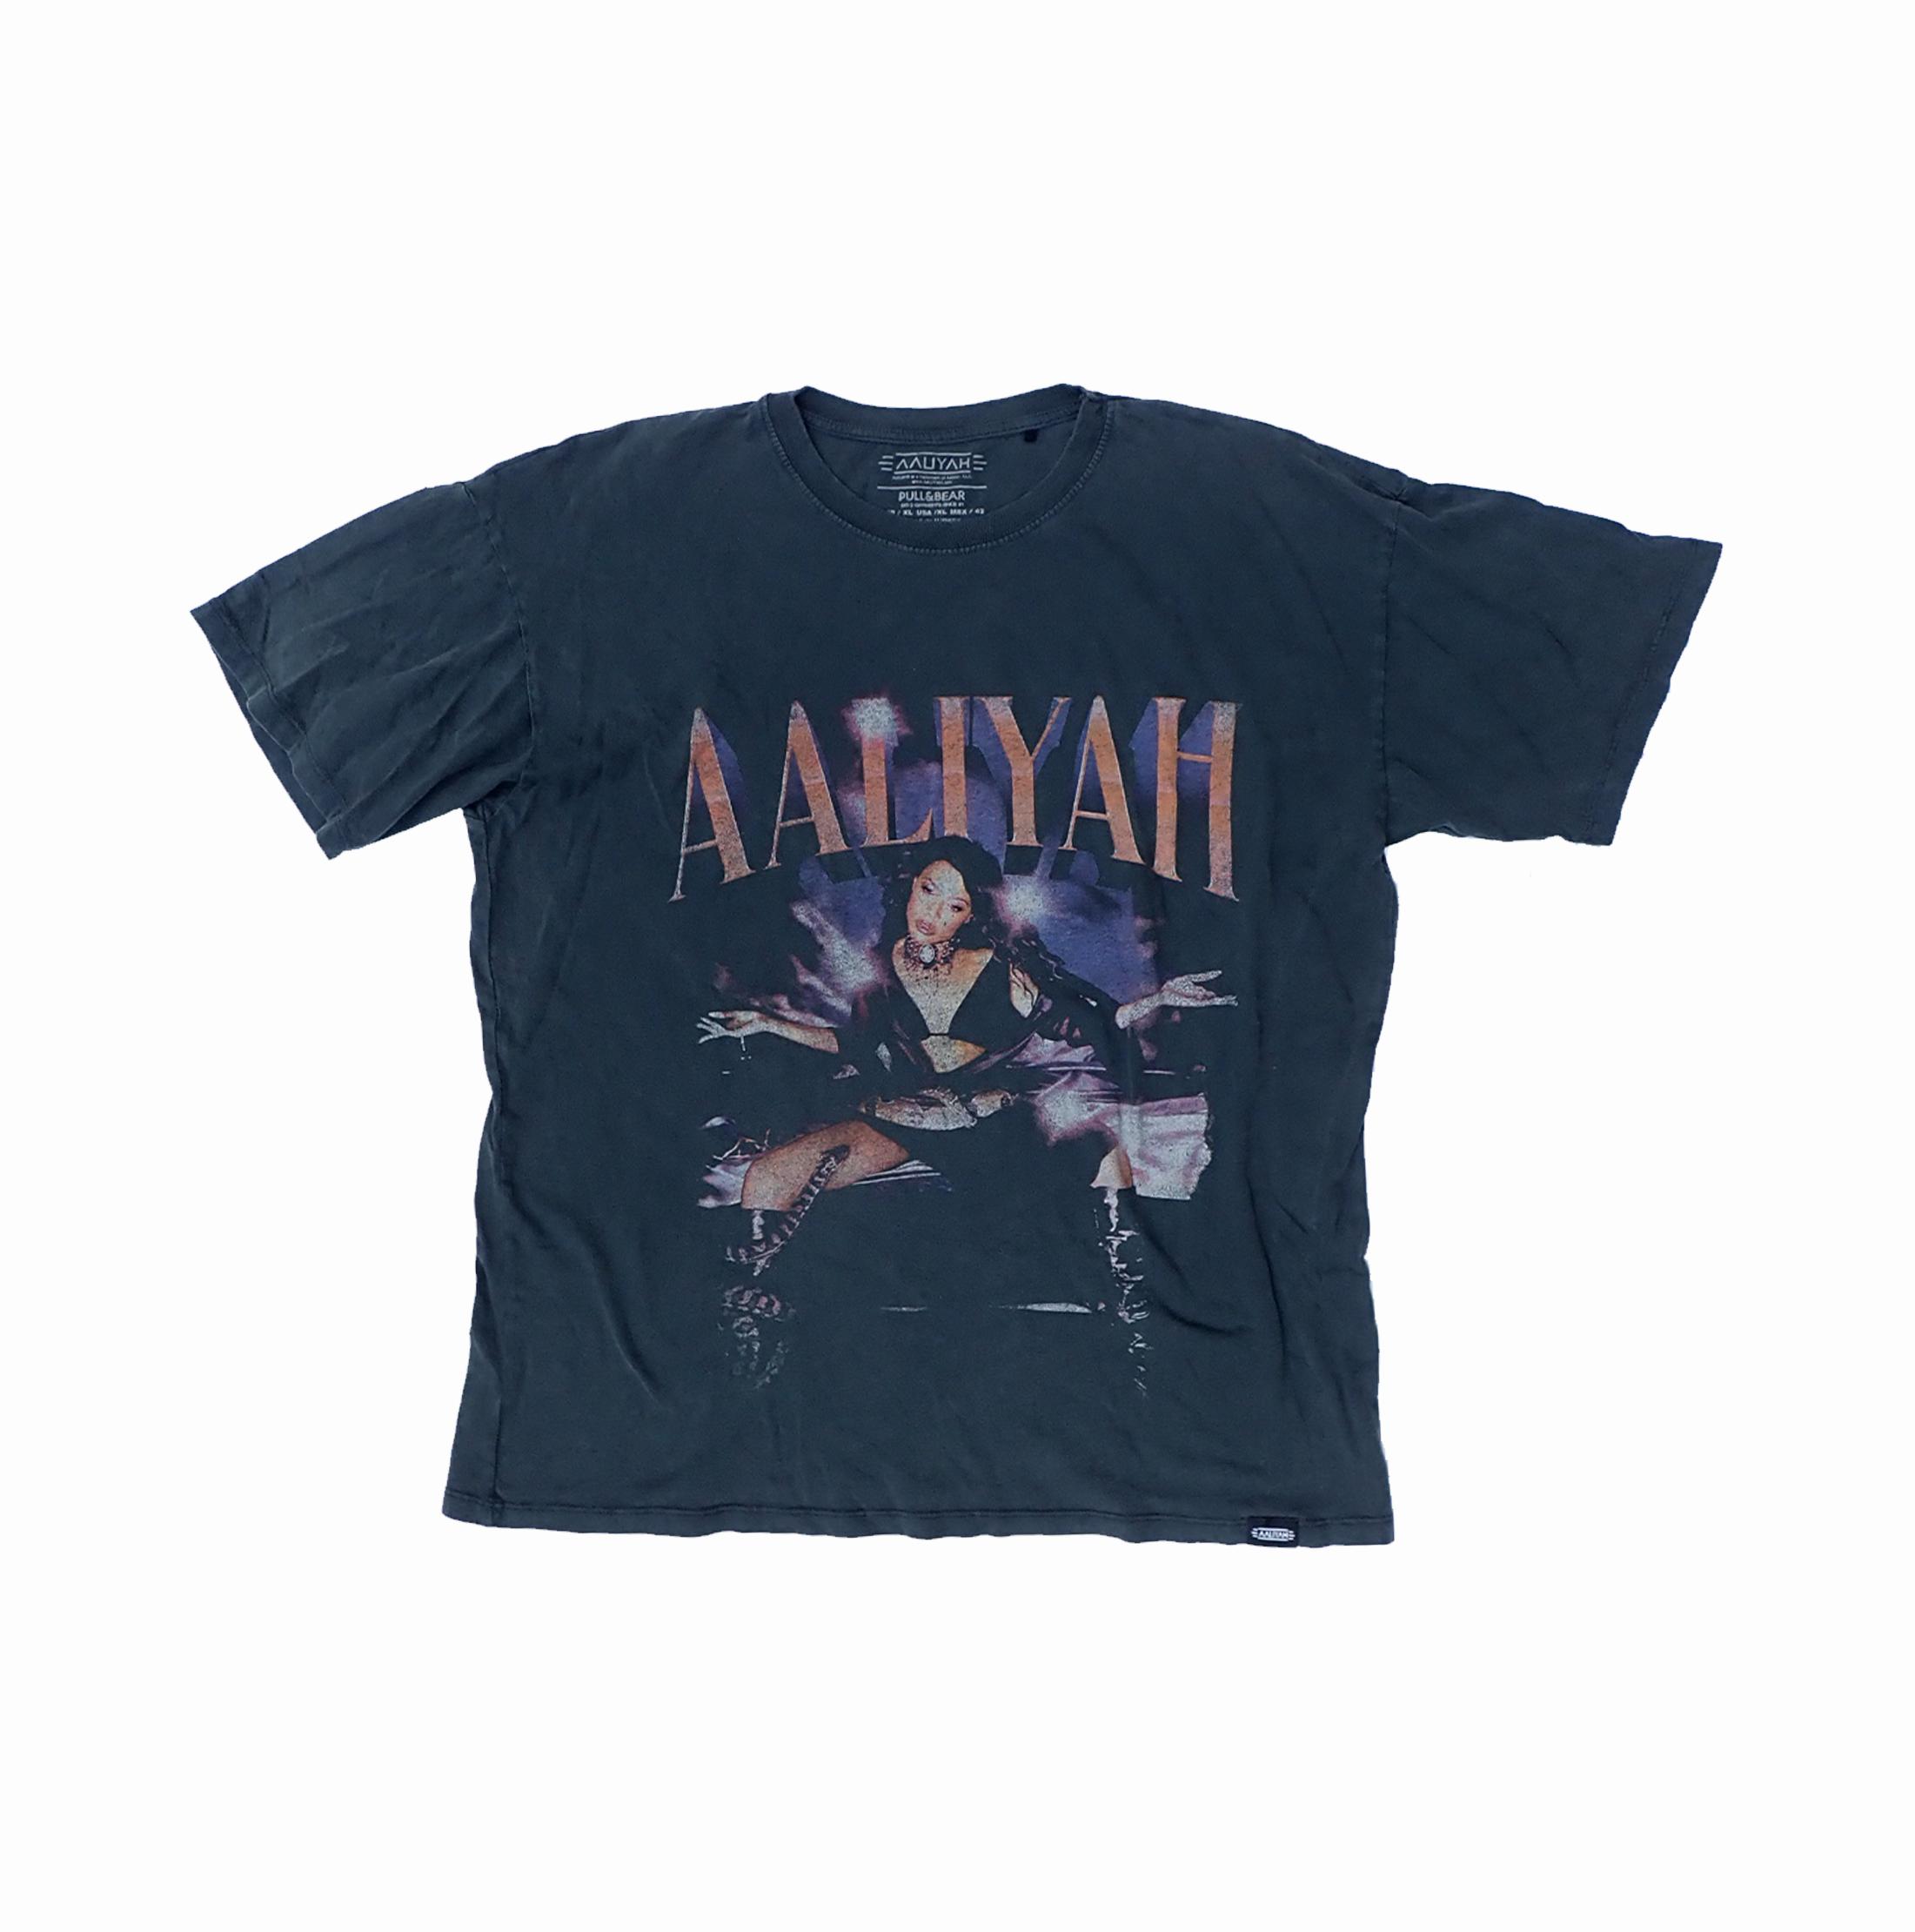 Aaliyah Photo Tshirt